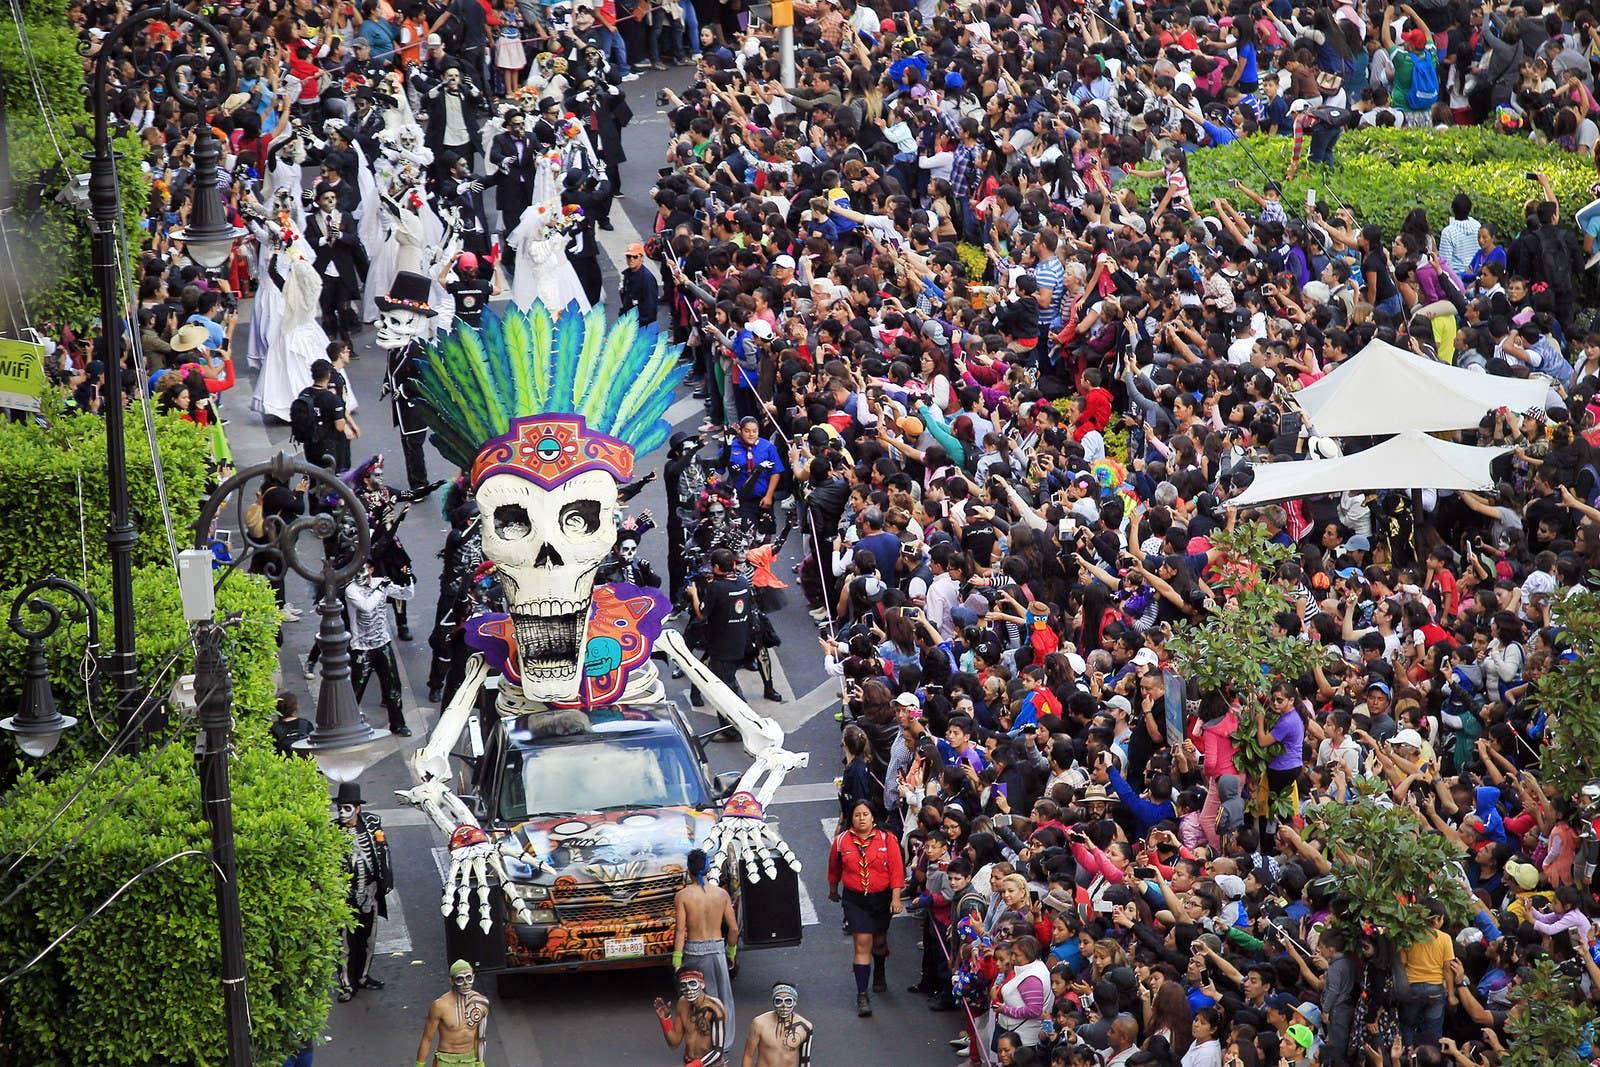 breathtaking pictures of dia de los muertos the dia de los muertos parade in downtown city on oct 29 2016